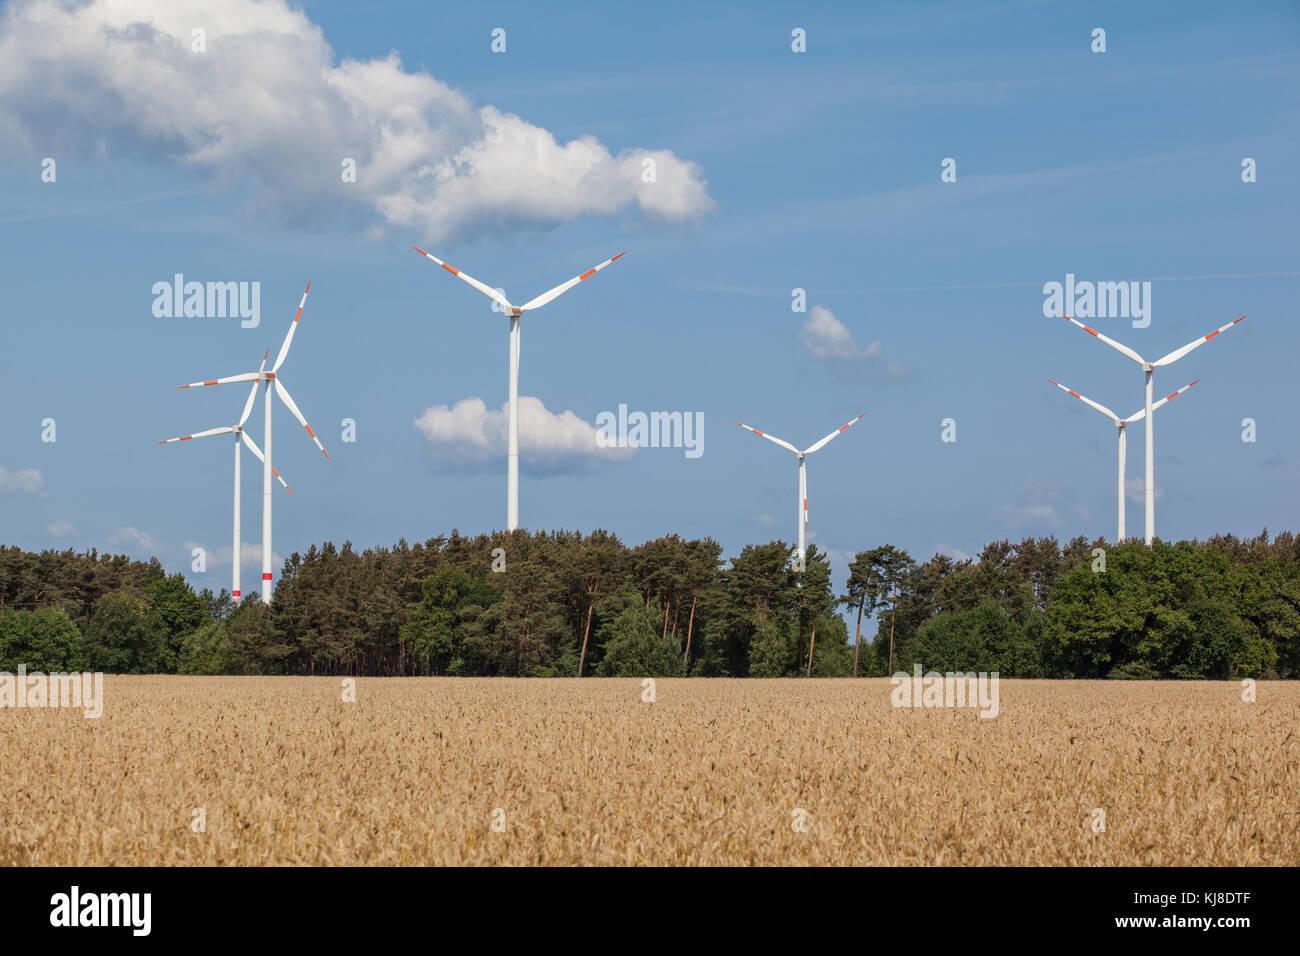 ökologische Energiegewinnung durch Windräder - Stock Image